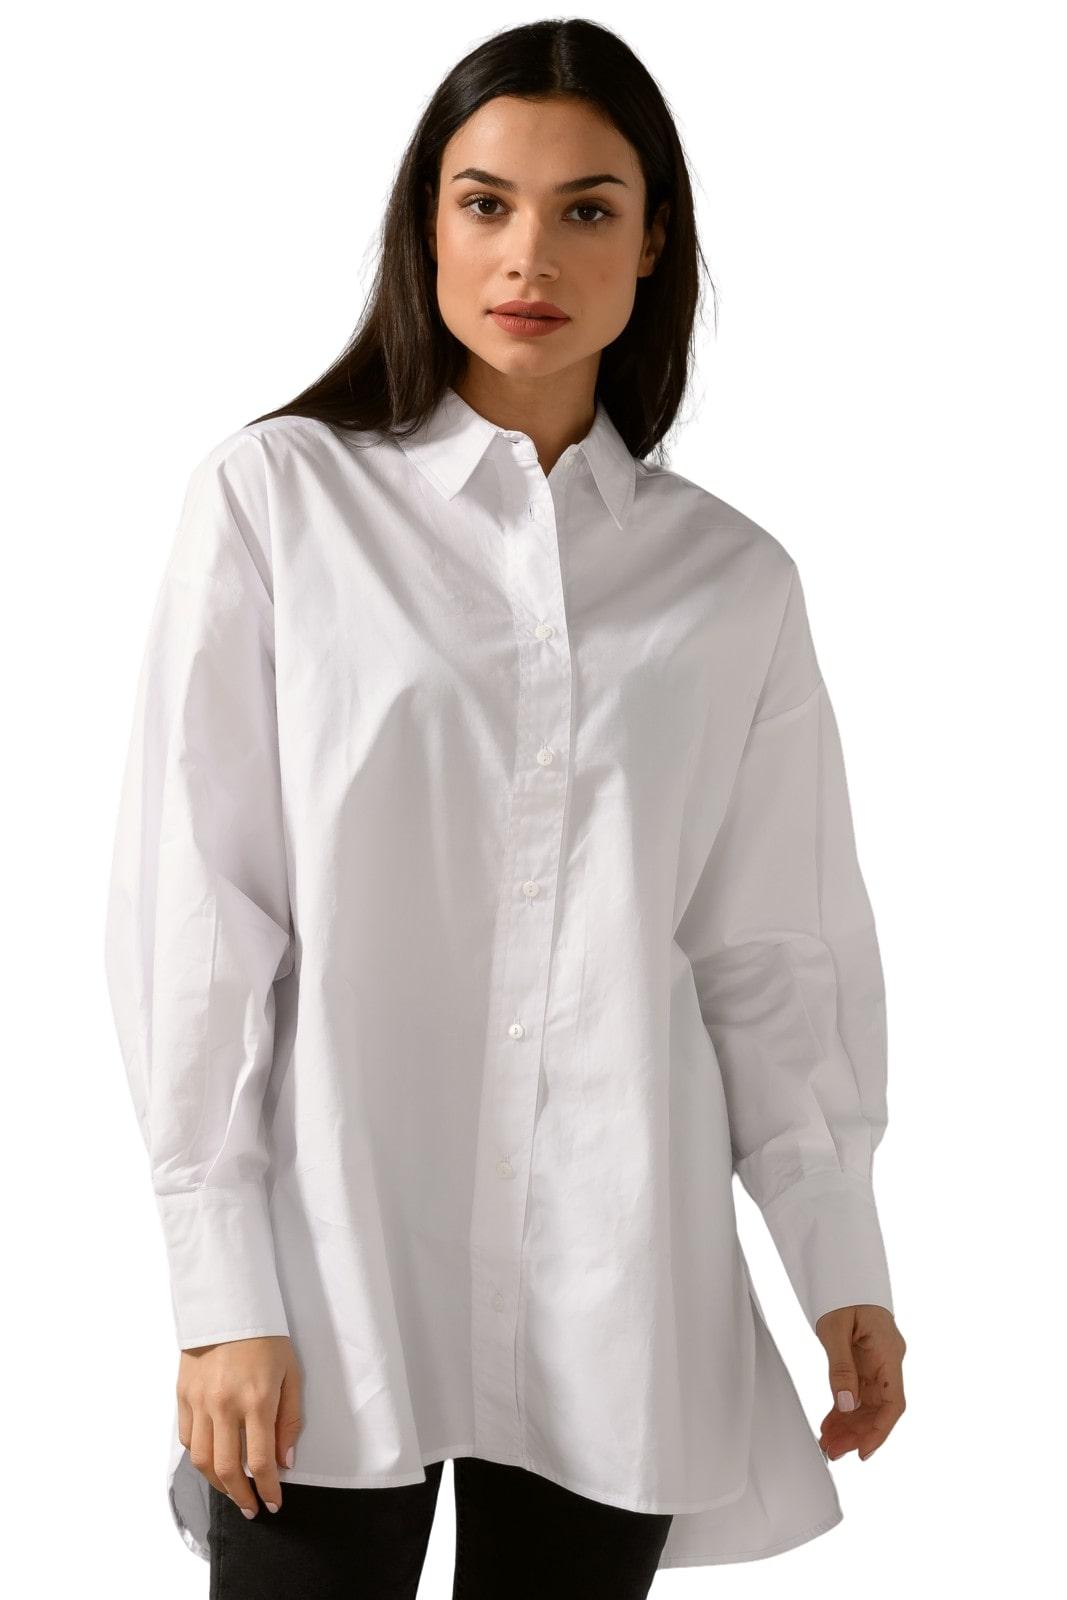 Oversized πουκάμισο (WHITE)